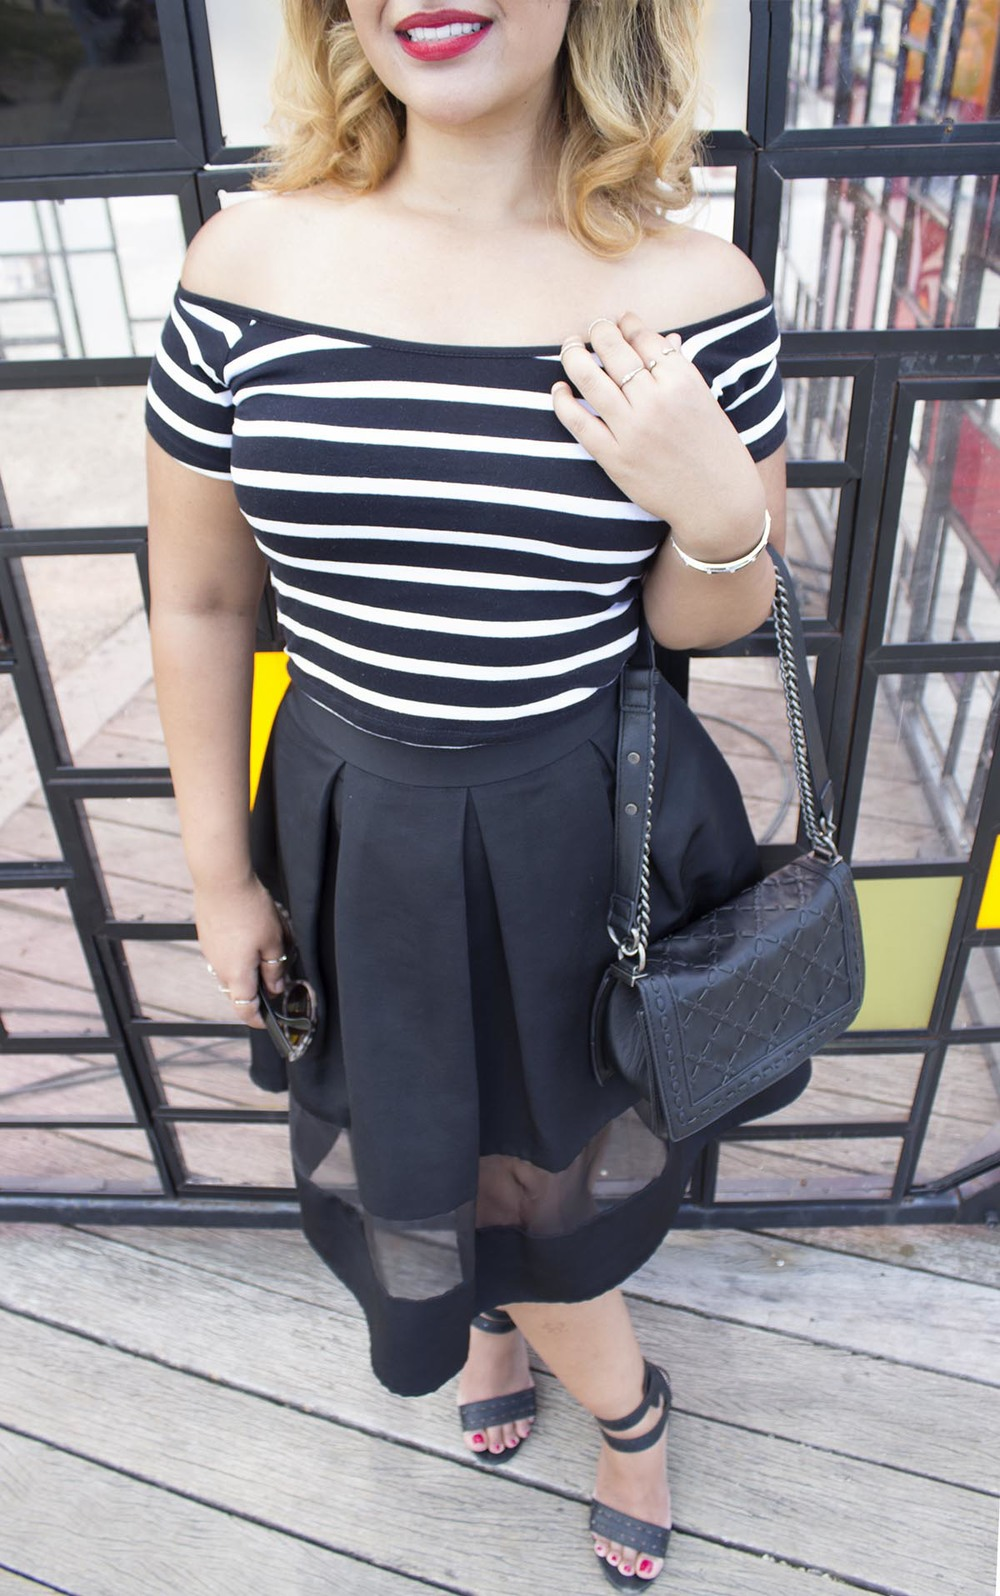 Krity S_black midi skirt classy3.jpg